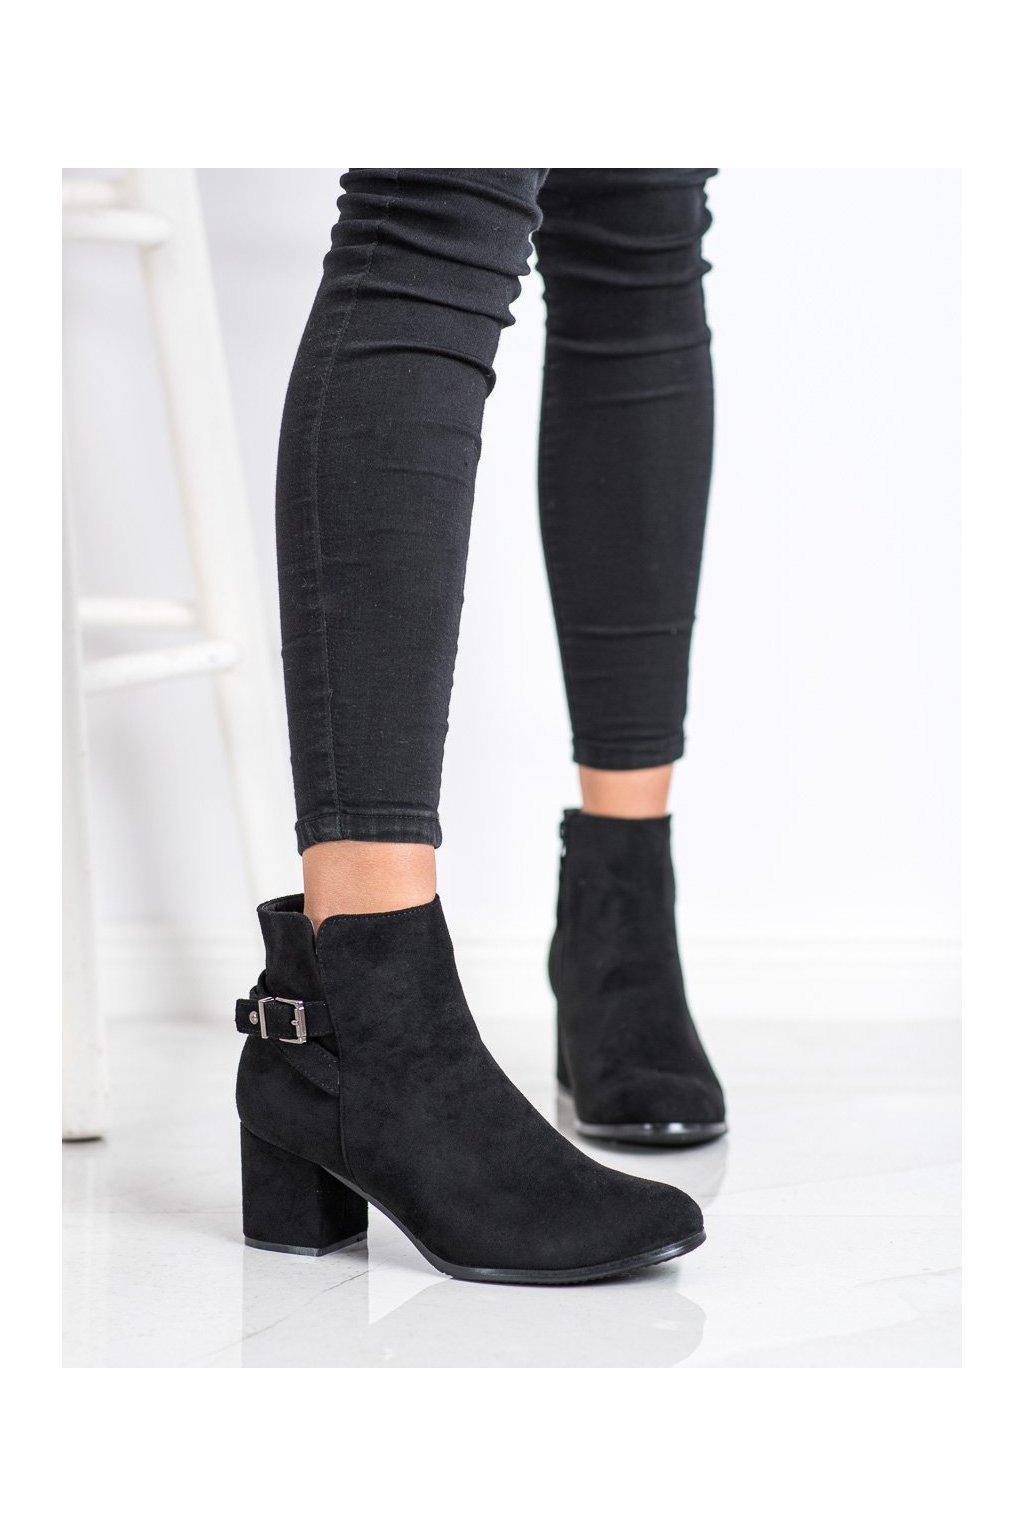 Čierne dámske topánky J. star kod A8312A-B